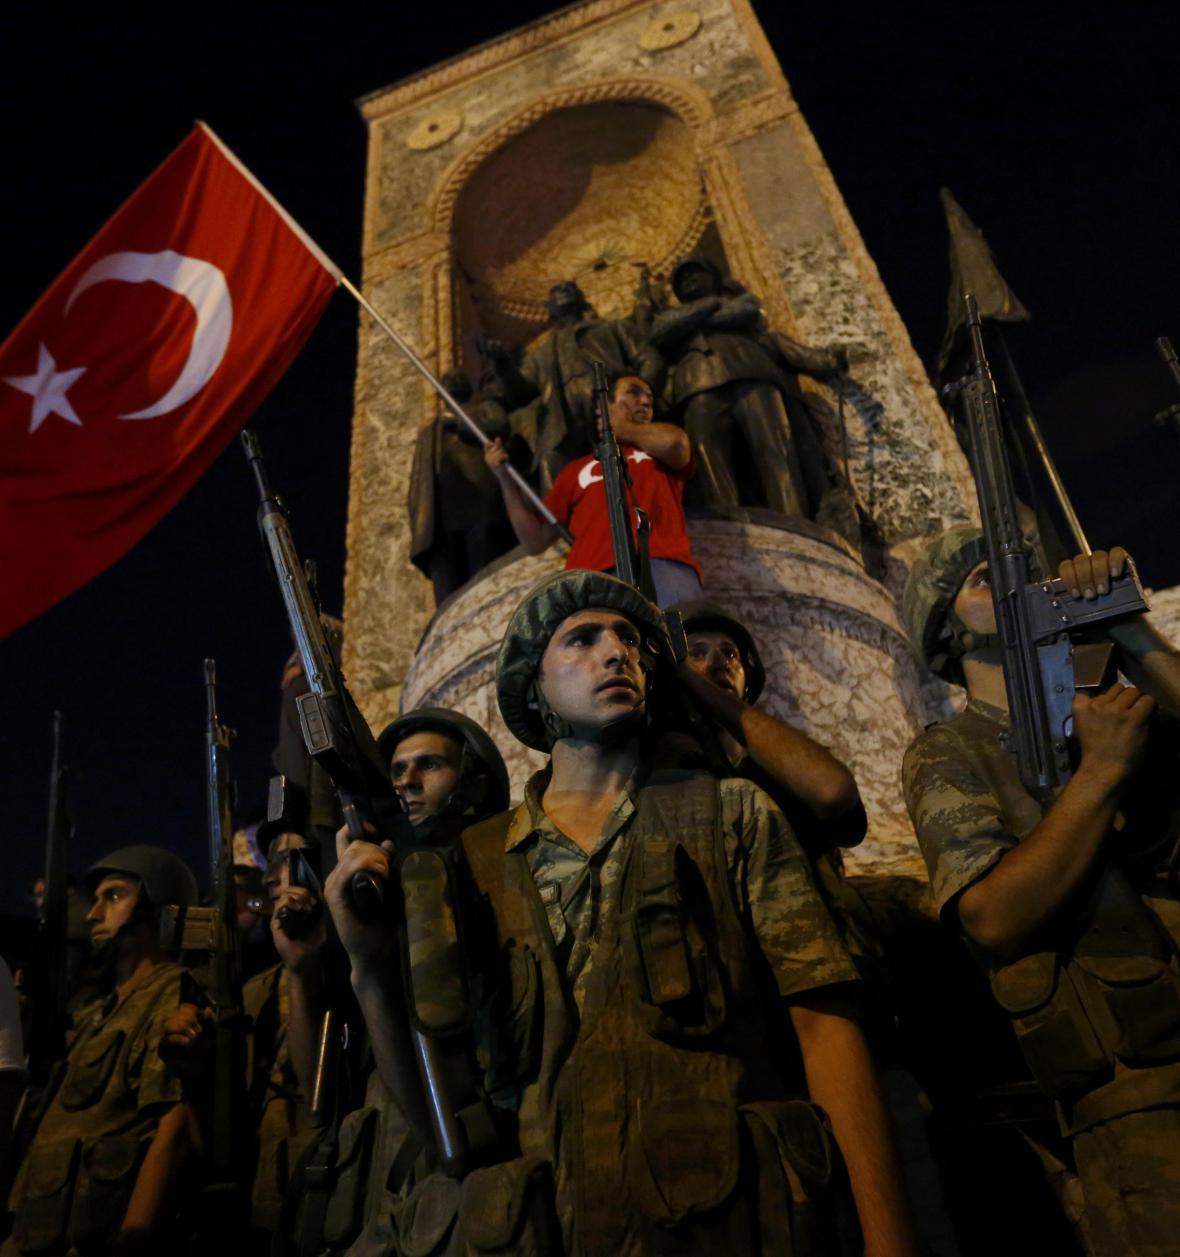 Vojáci před Památníkem republiky na Taksimském náměstí